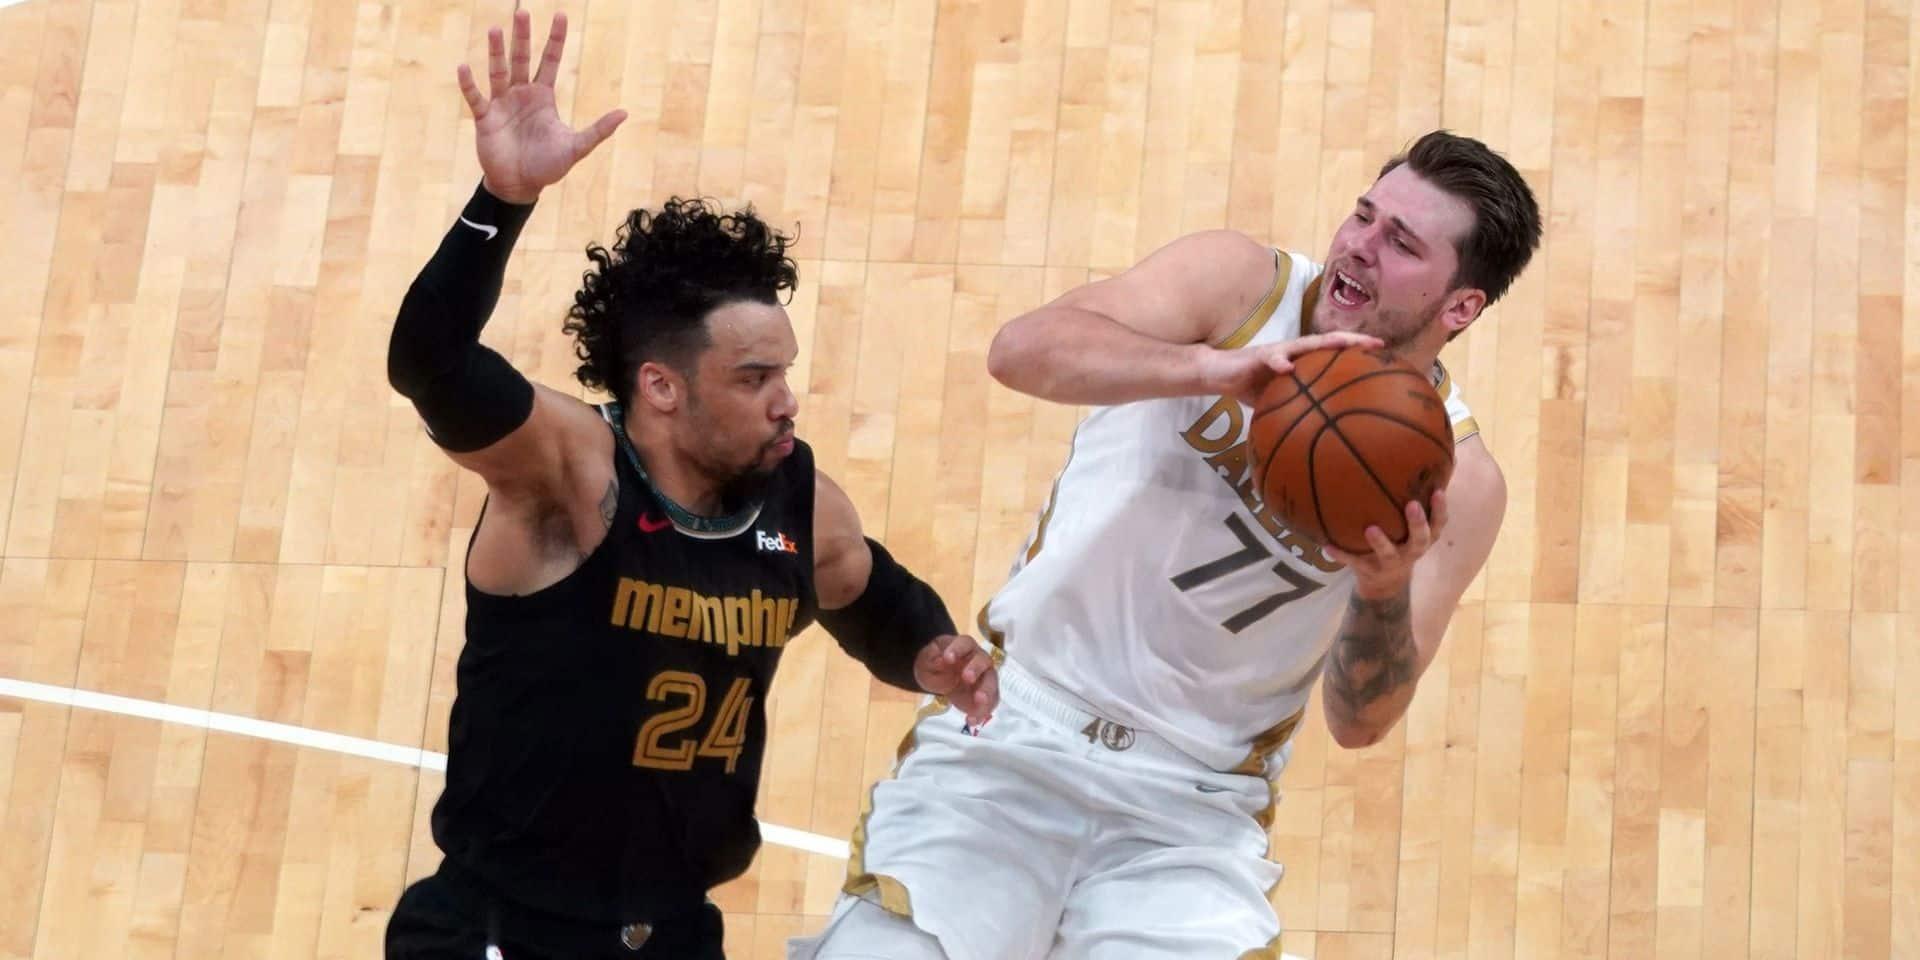 La NBA veut remettre la défense au goût du jour